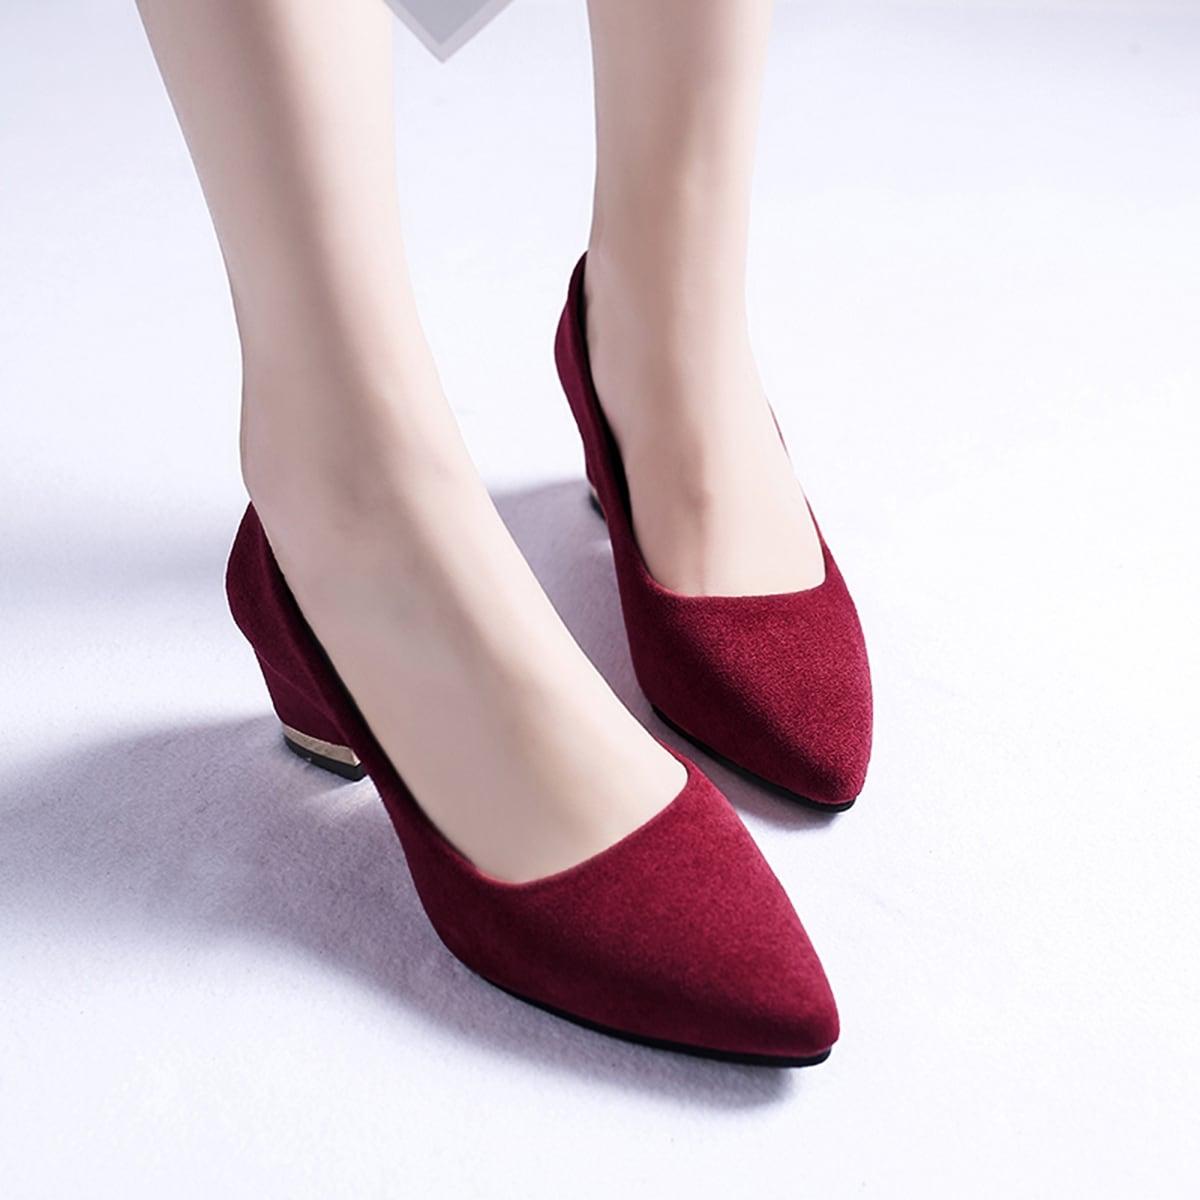 Красный Одноцветный Деловый стиль  Каблуки от SHEIN